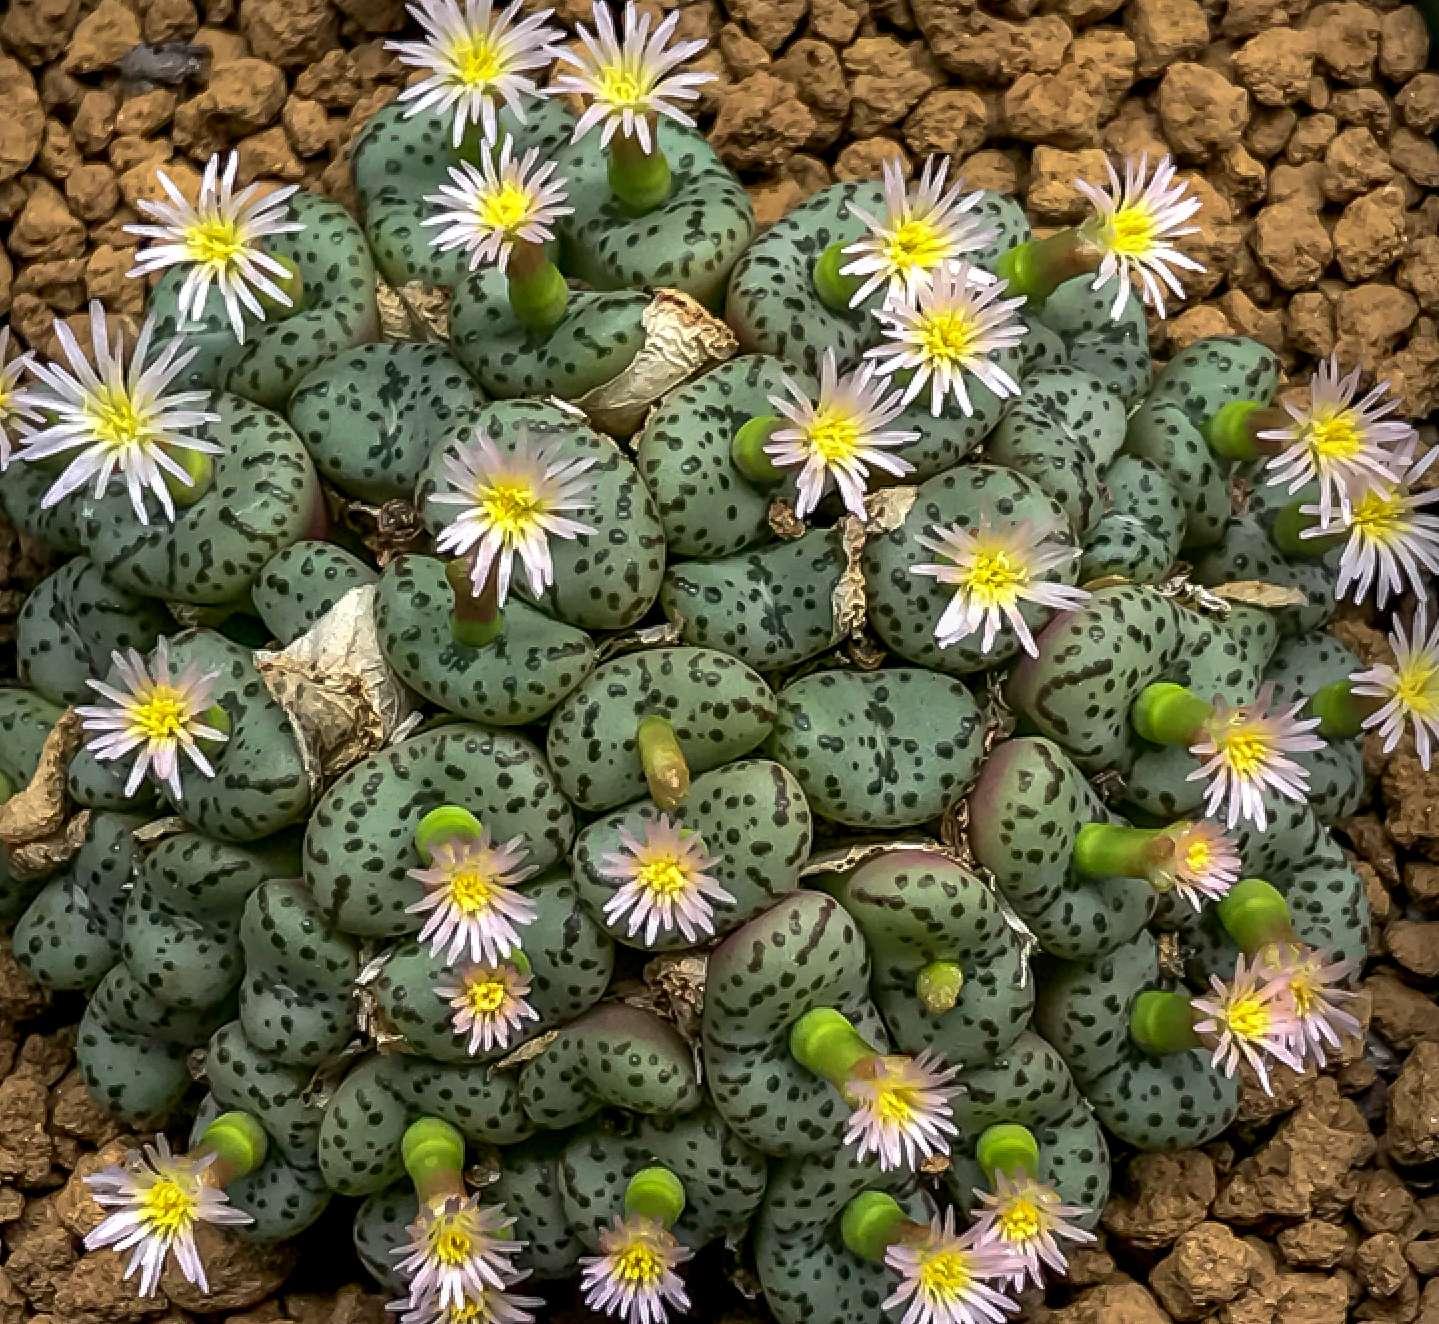 Conophytum Minutum 20 Seeds Mesemb Succulent